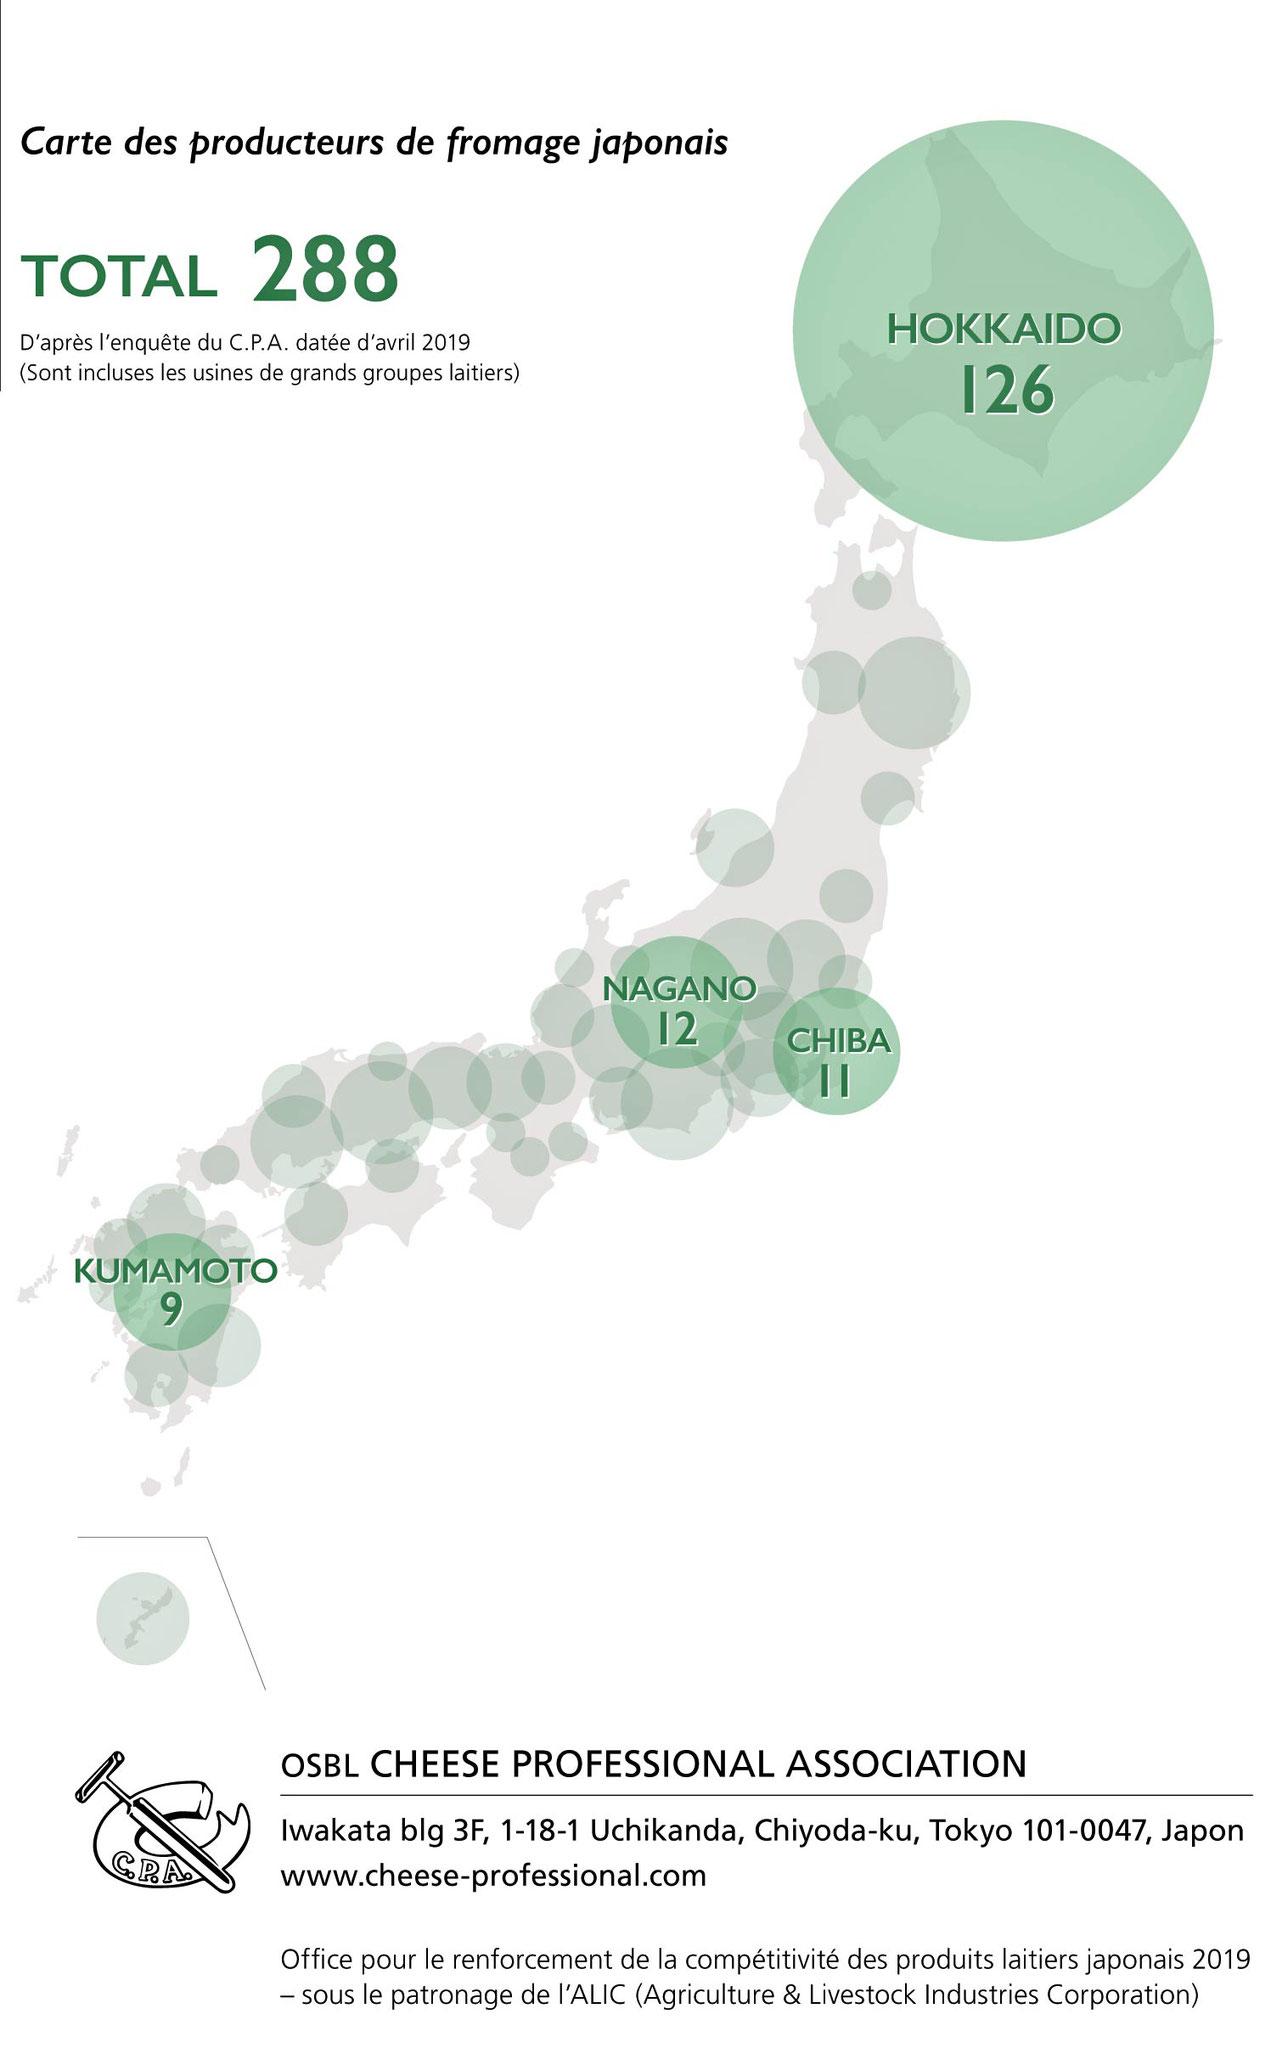 Carte des producteurs de fromages japonais - Crédit photo : www.cheese-professional.com